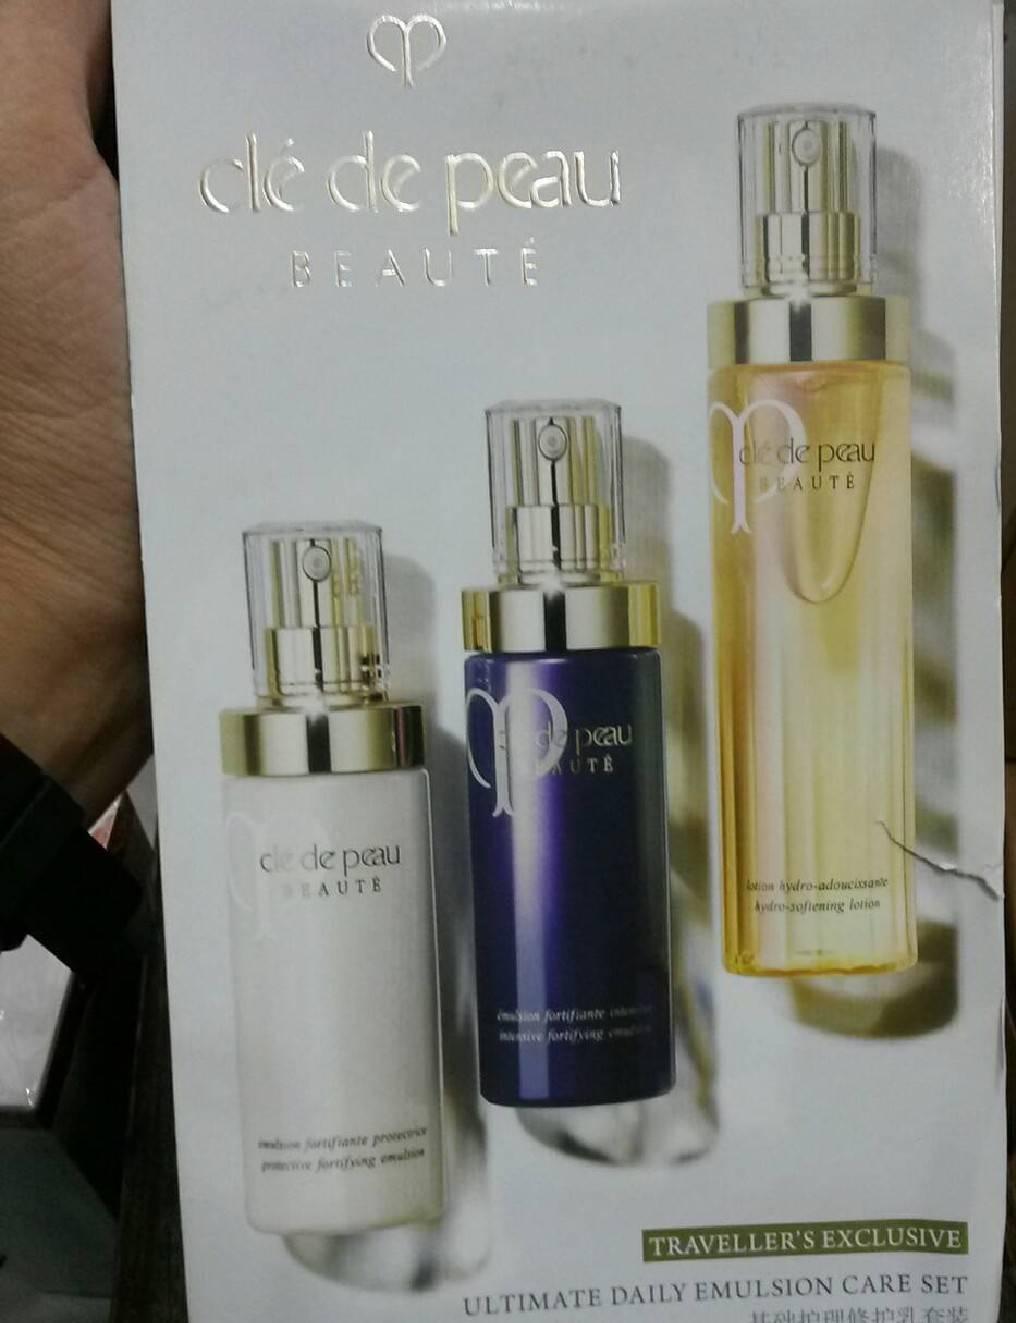 ลดราคาเหลือ 2 เซตสุดท้ายCle de peau beaute traveller exclusive ultimate daily emultion care set เซตบ 1